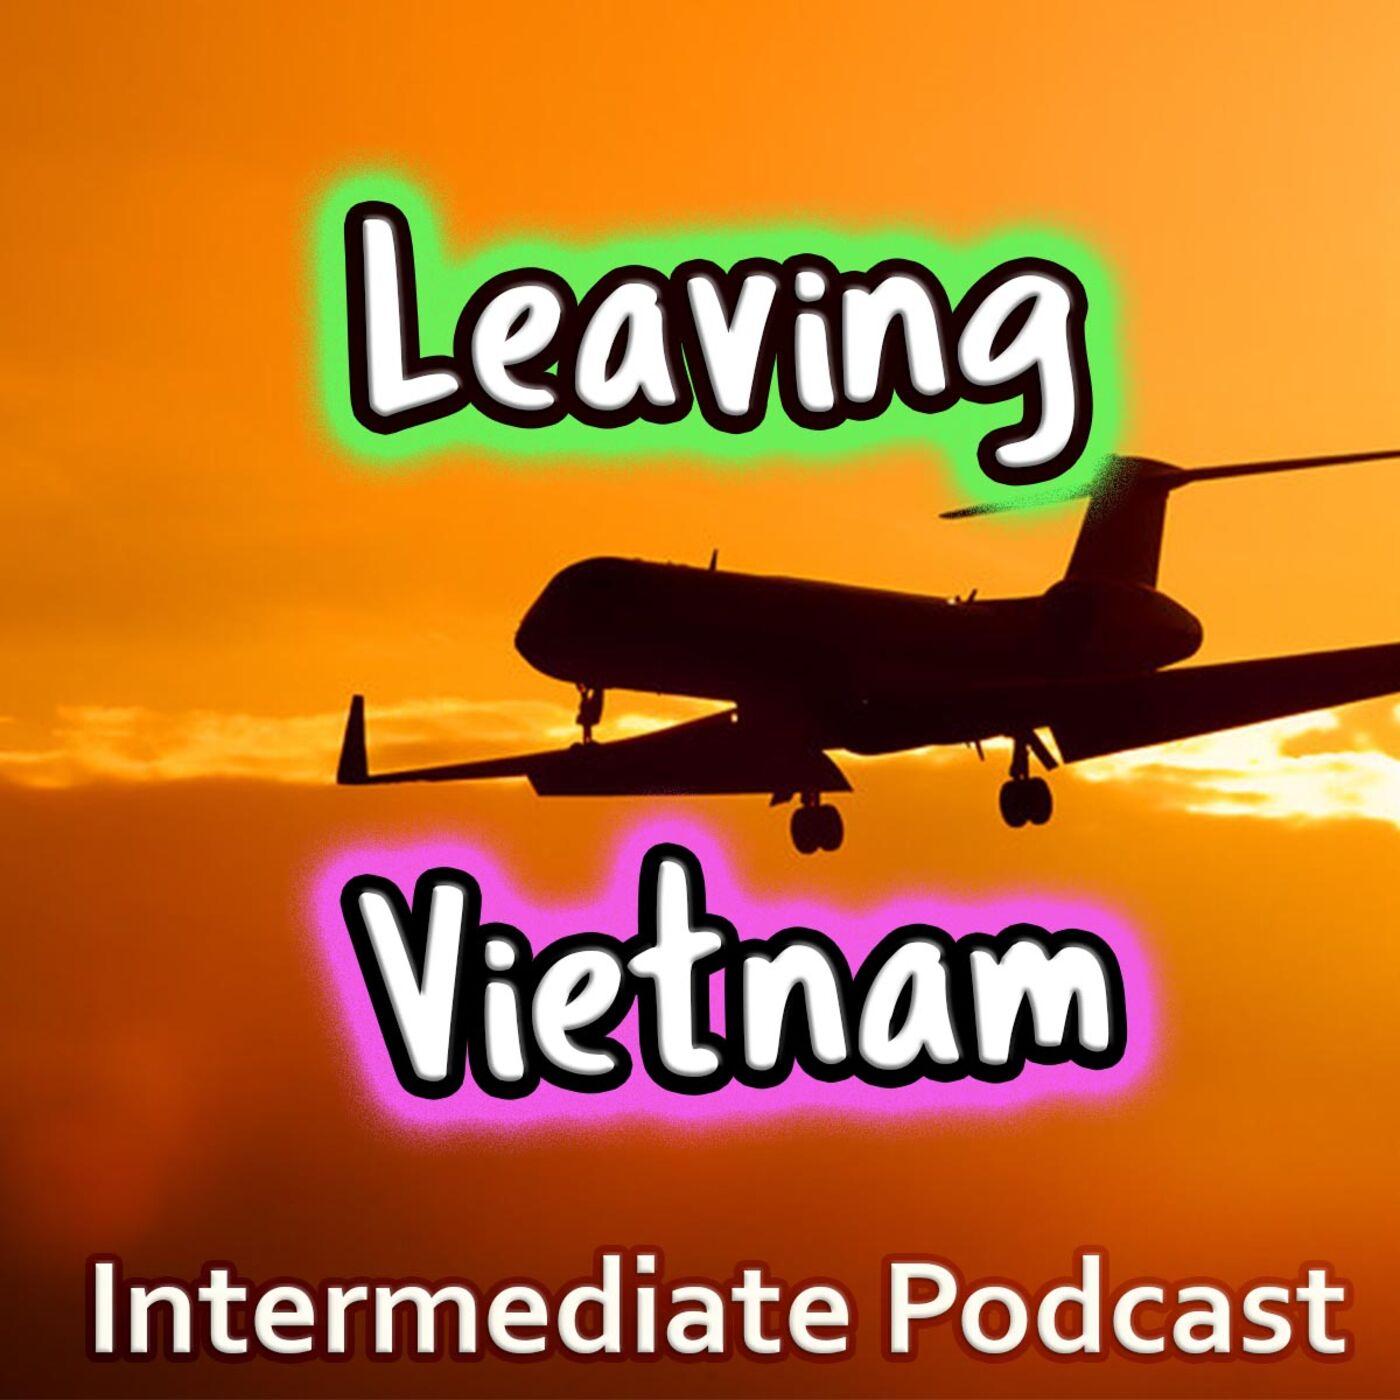 My Journey Leaving Vietnam (Pre-Intermediate Storytelling)